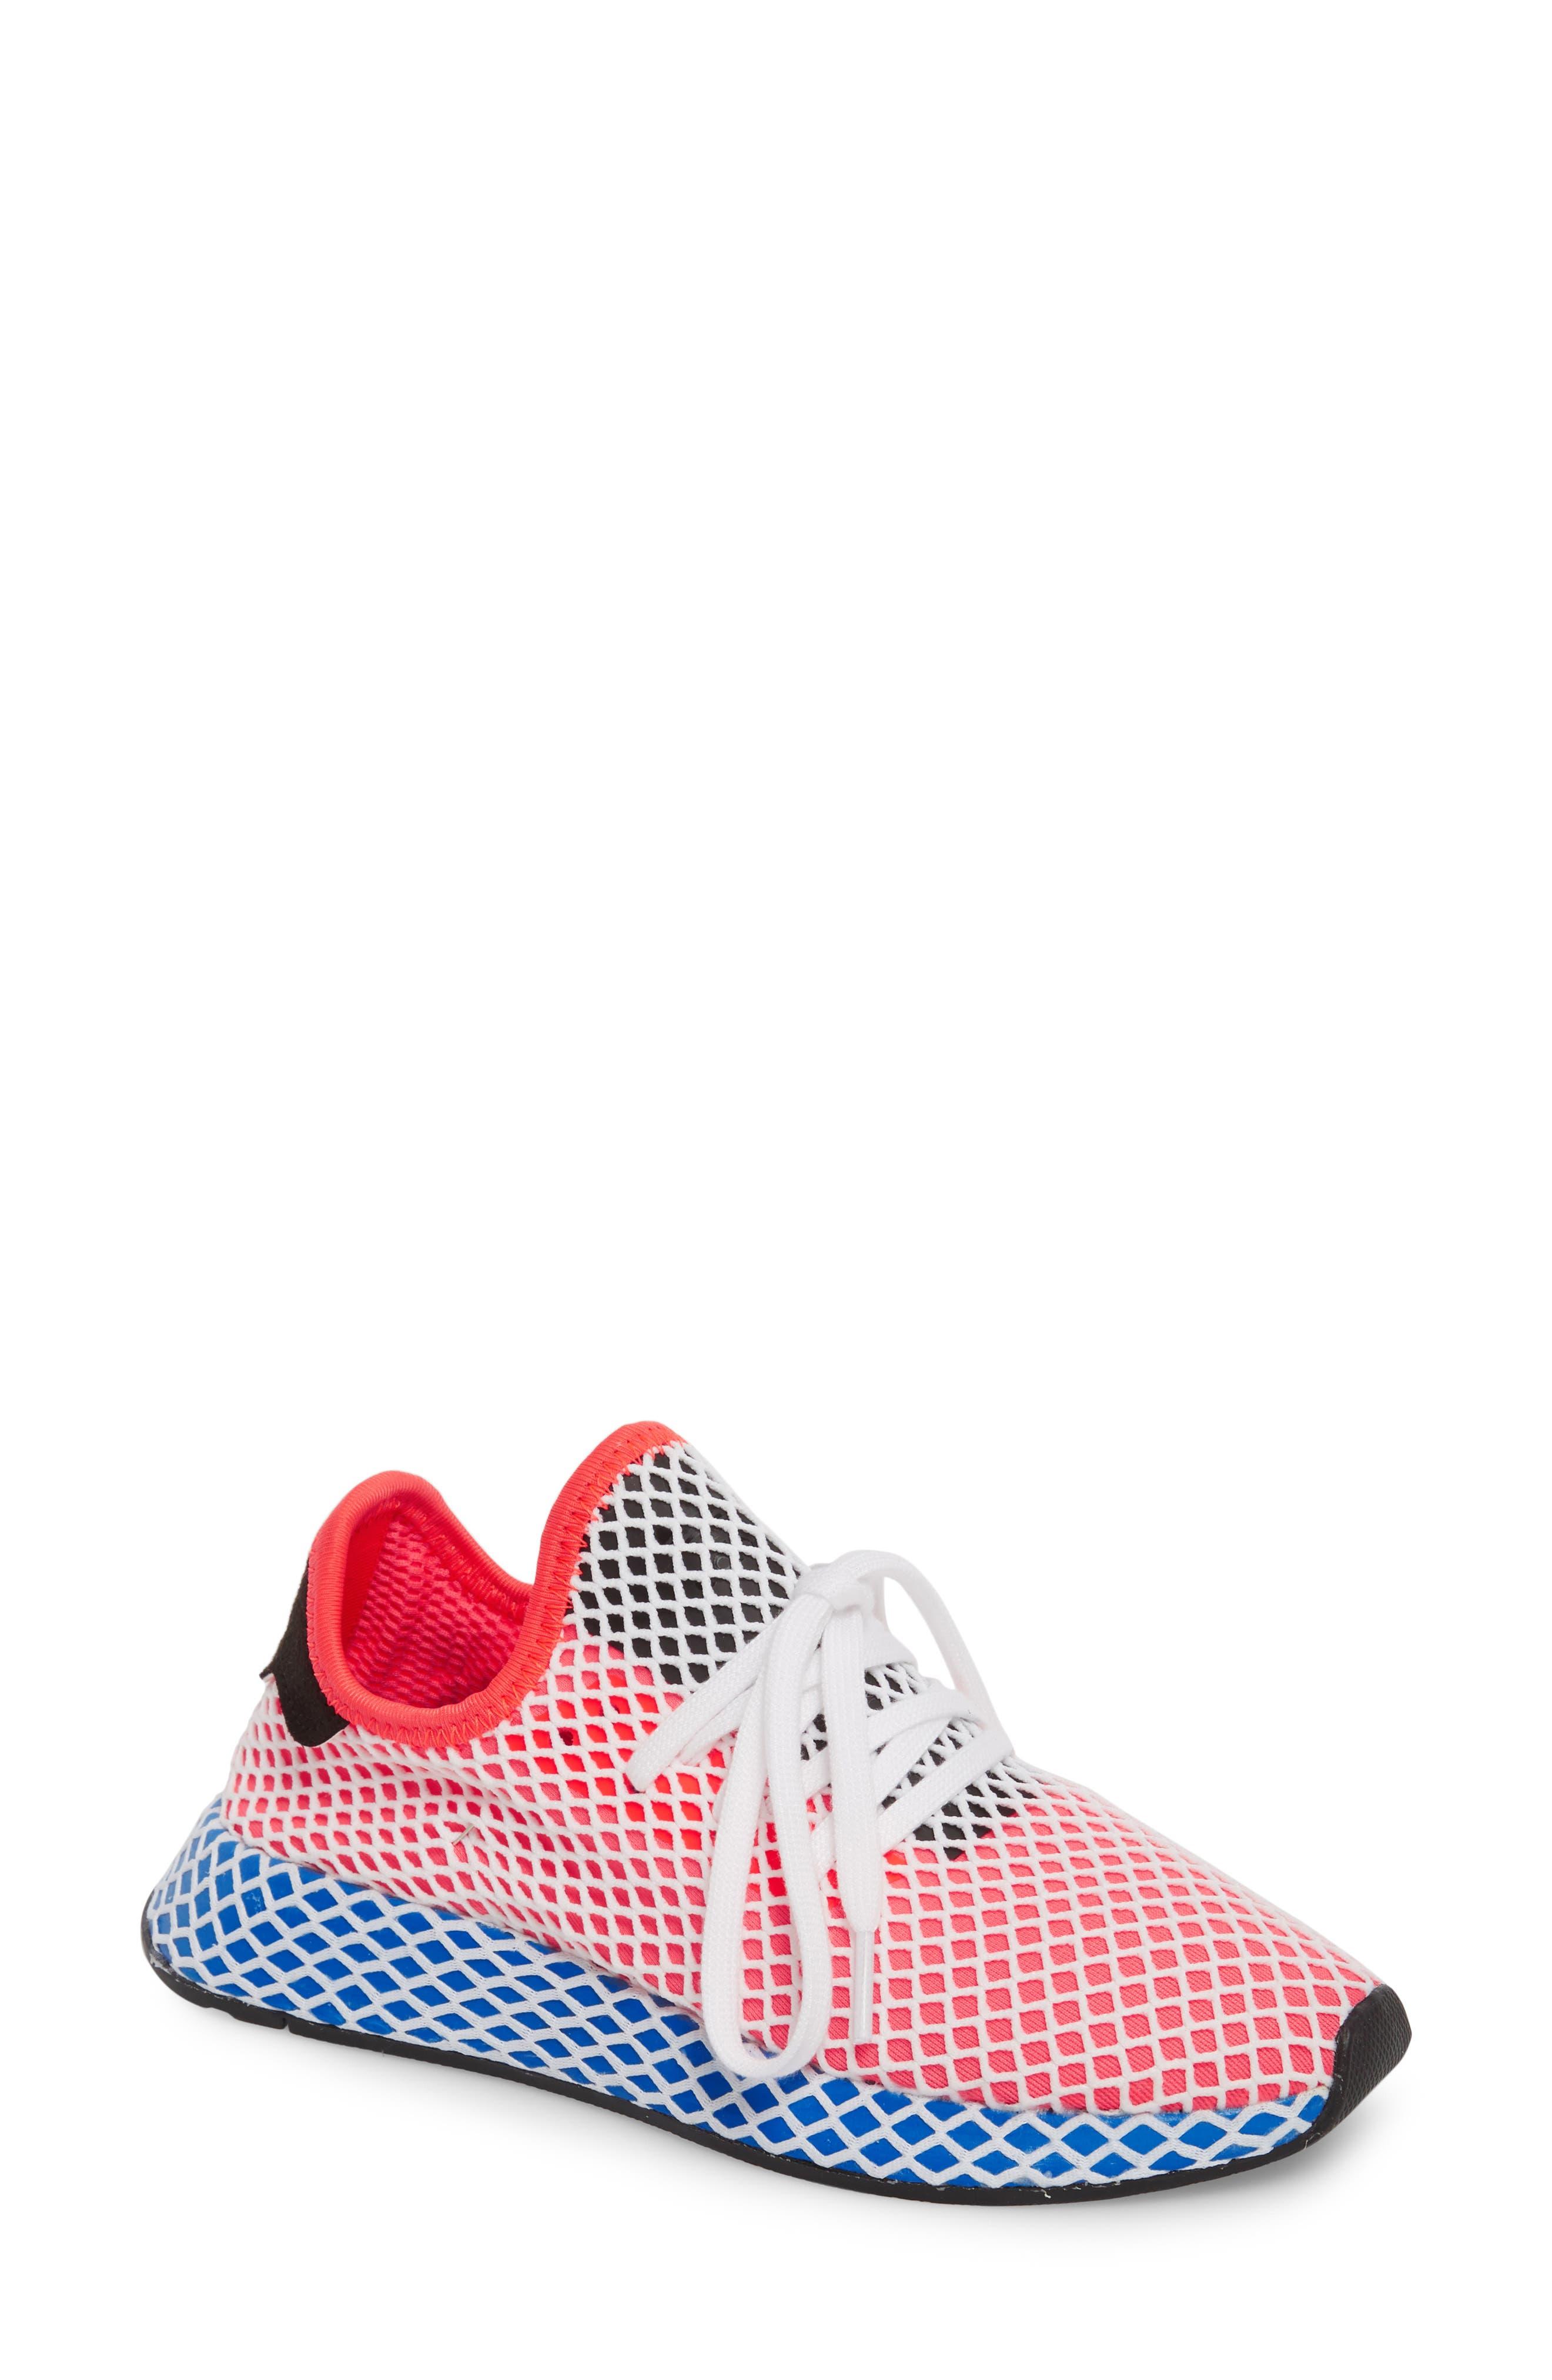 Deerupt Runner Sneaker,                         Main,                         color, 600